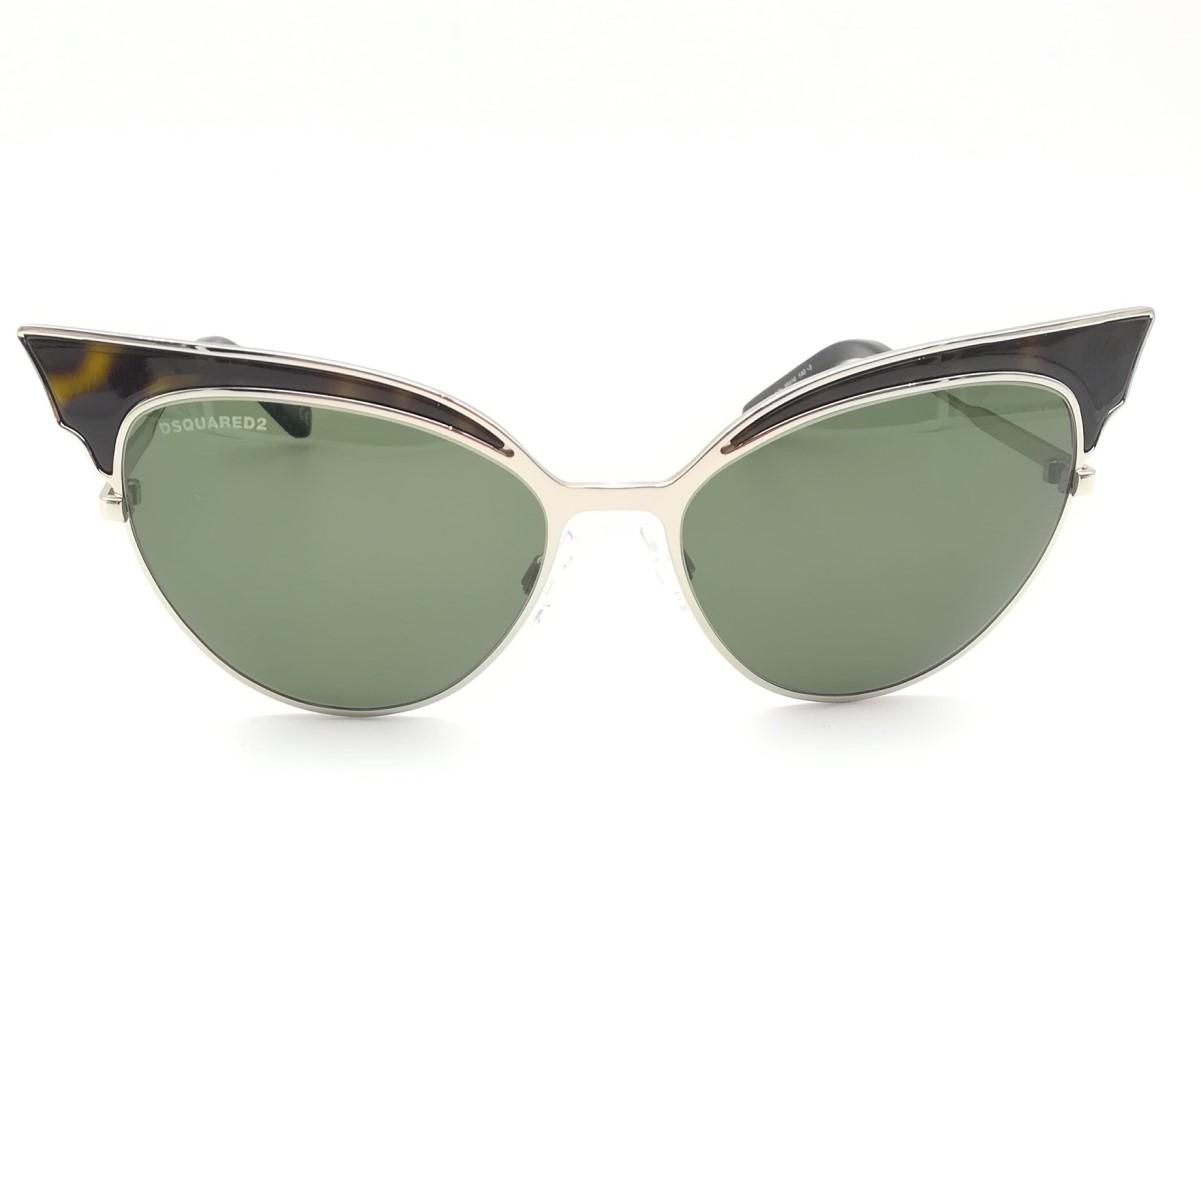 miglior sito web d5e0c c6221 DSQUARED occhiale da sole donna Lollo